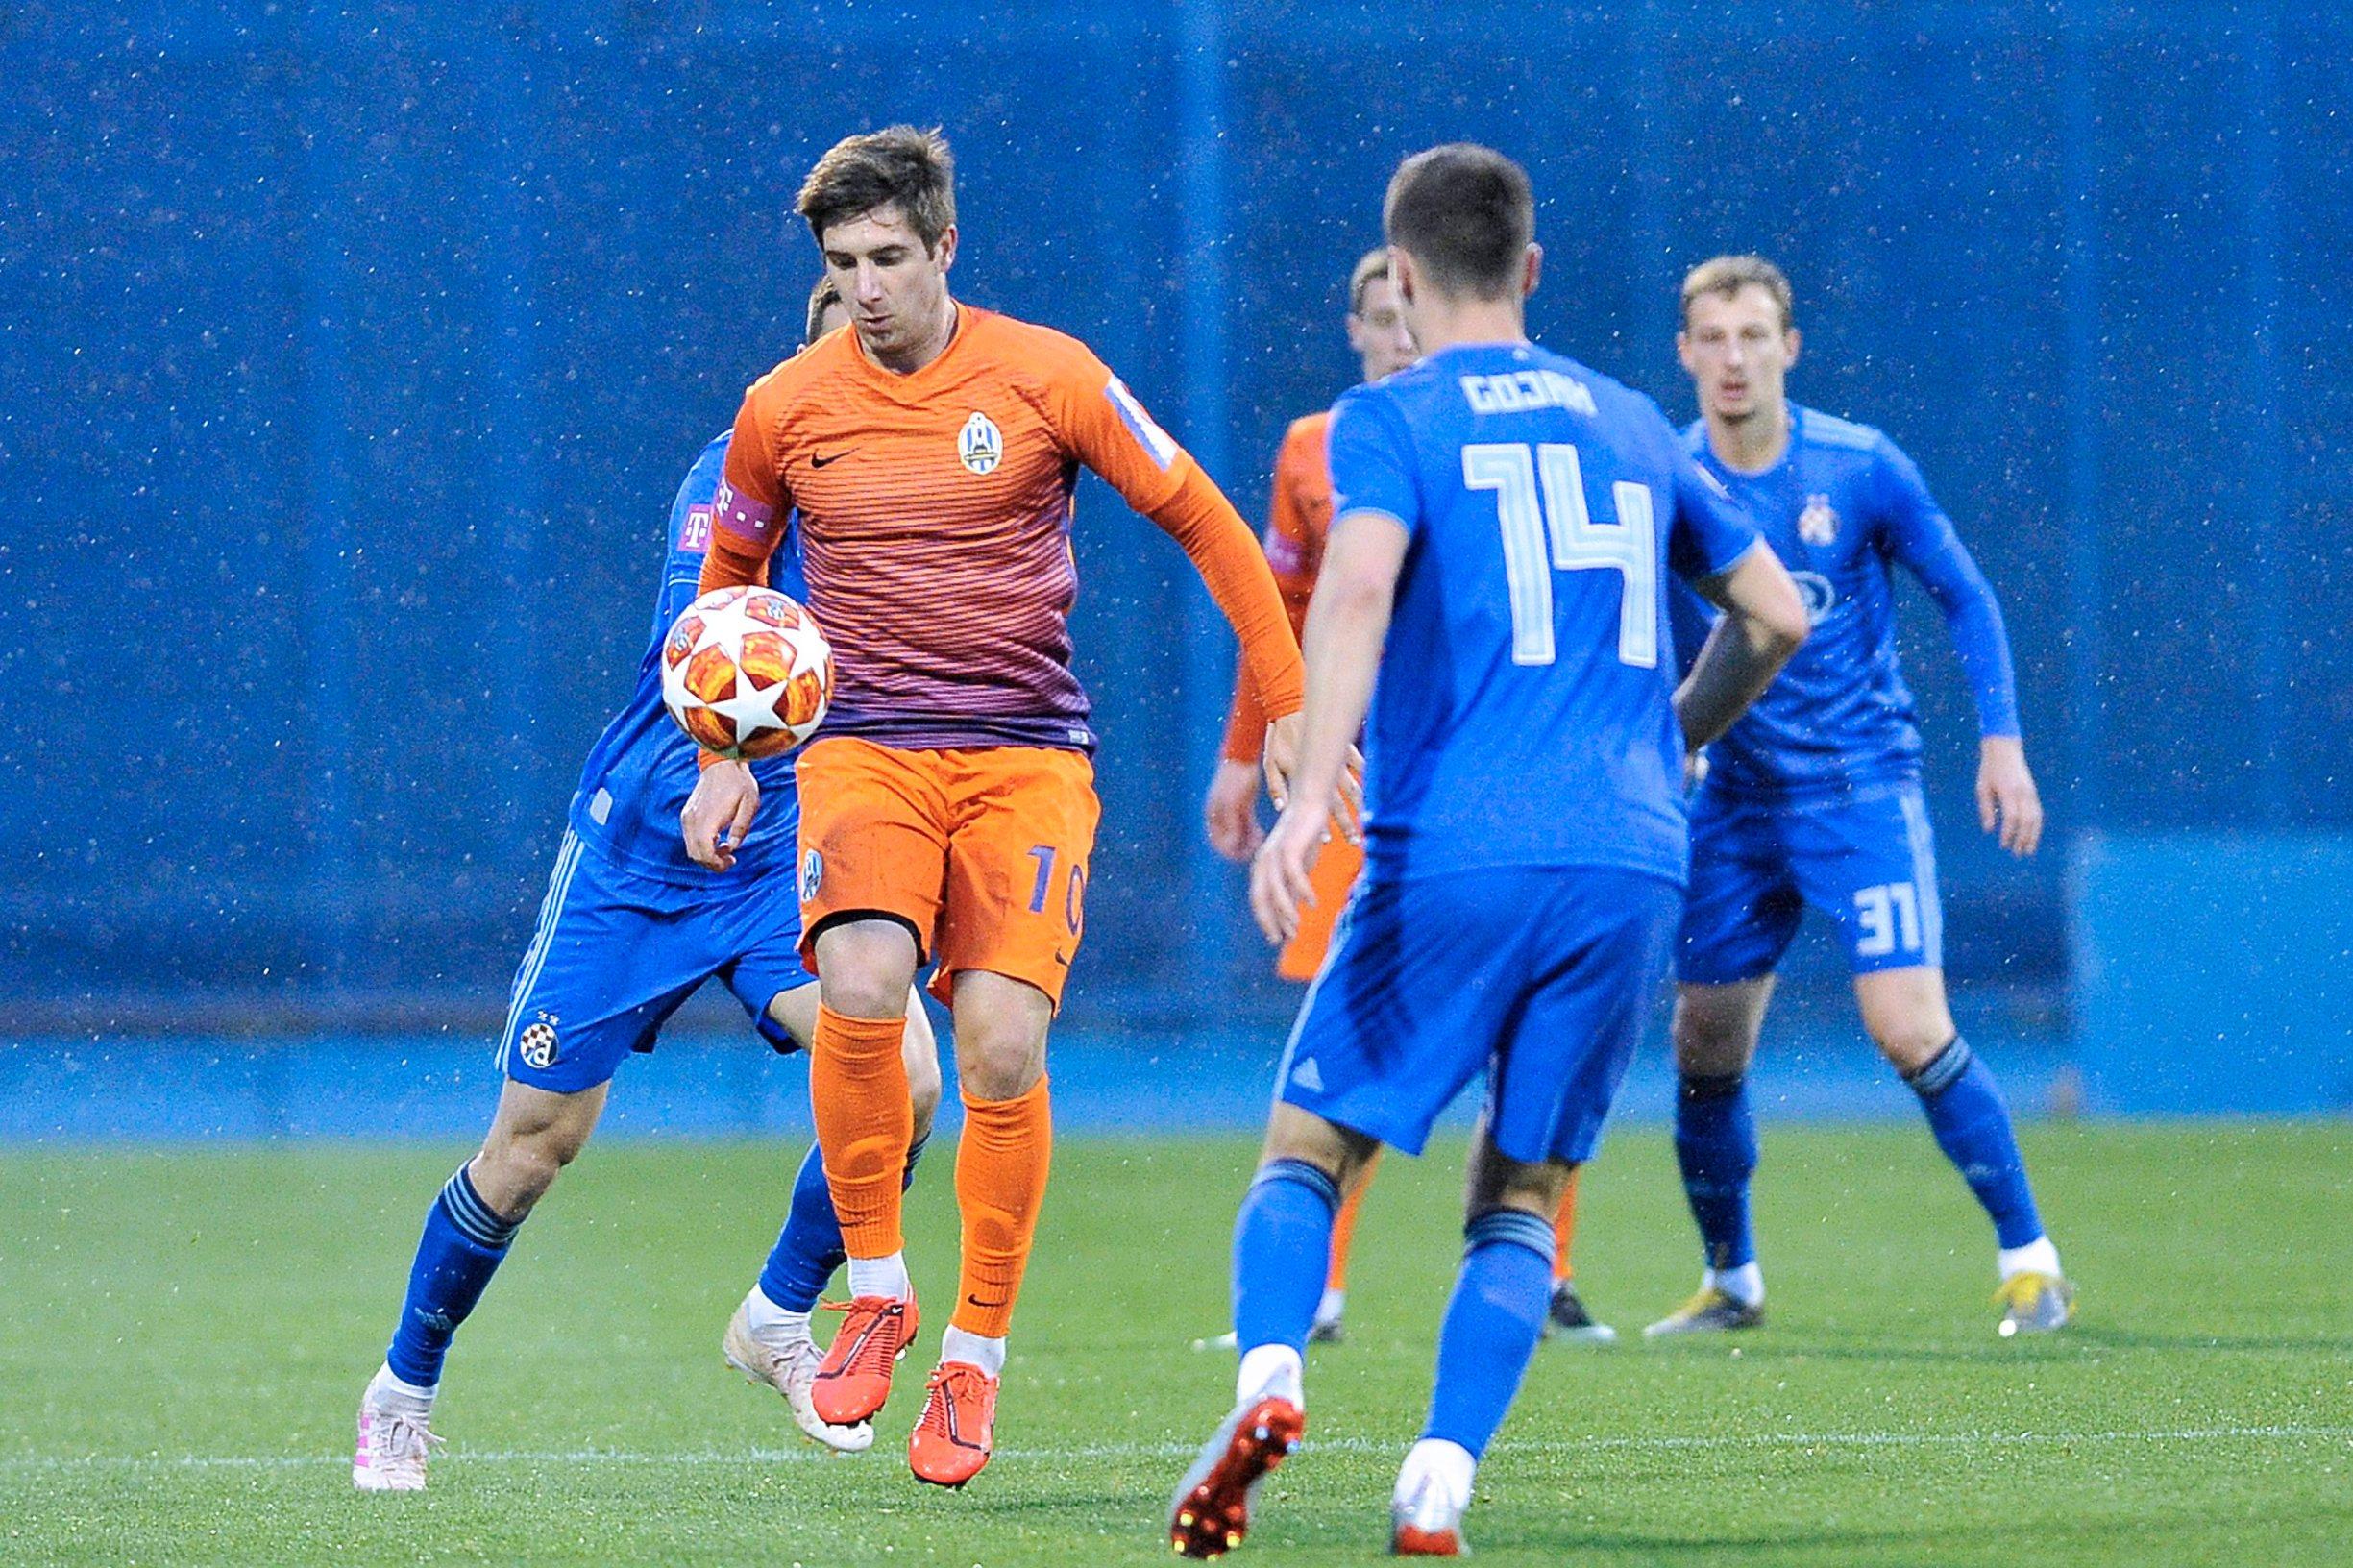 Luka Ivanušec s loptom